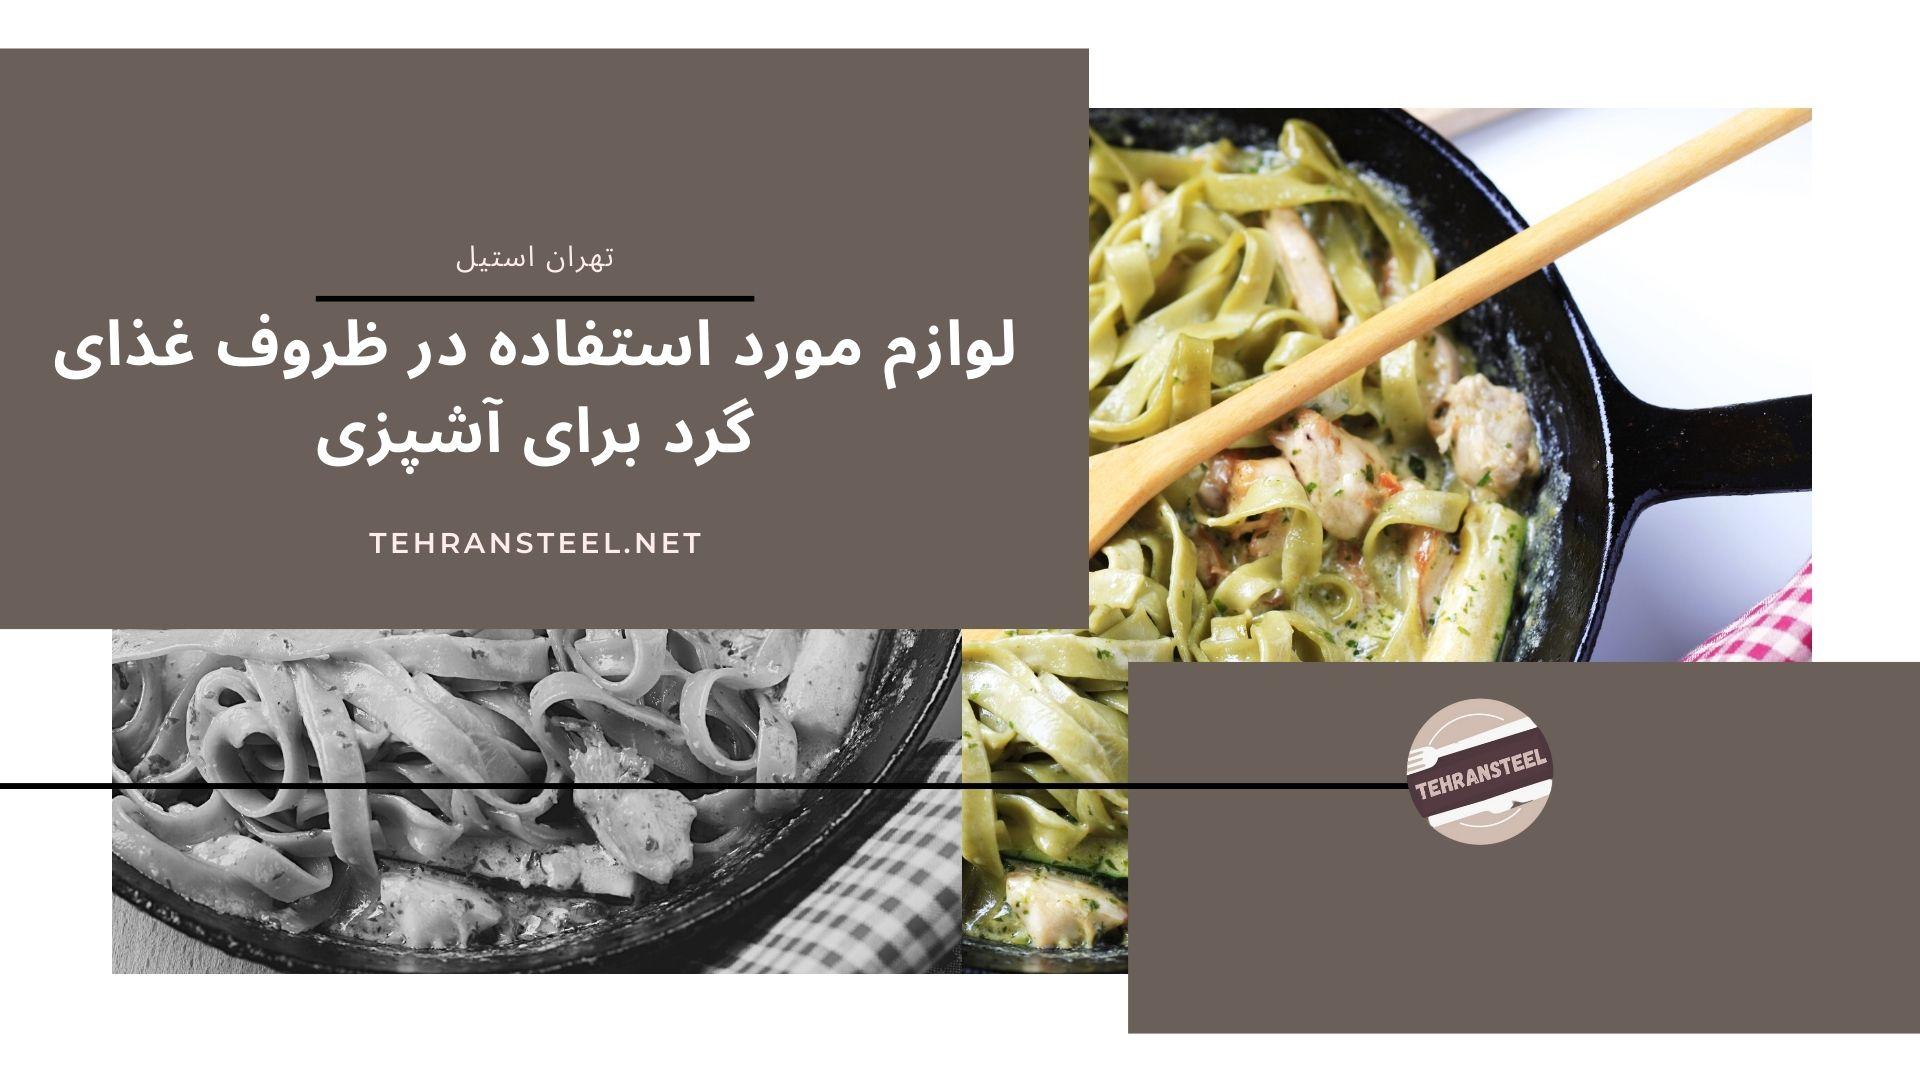 لوازم مورد استفاده در ظروف غذای گرد برای آشپزی